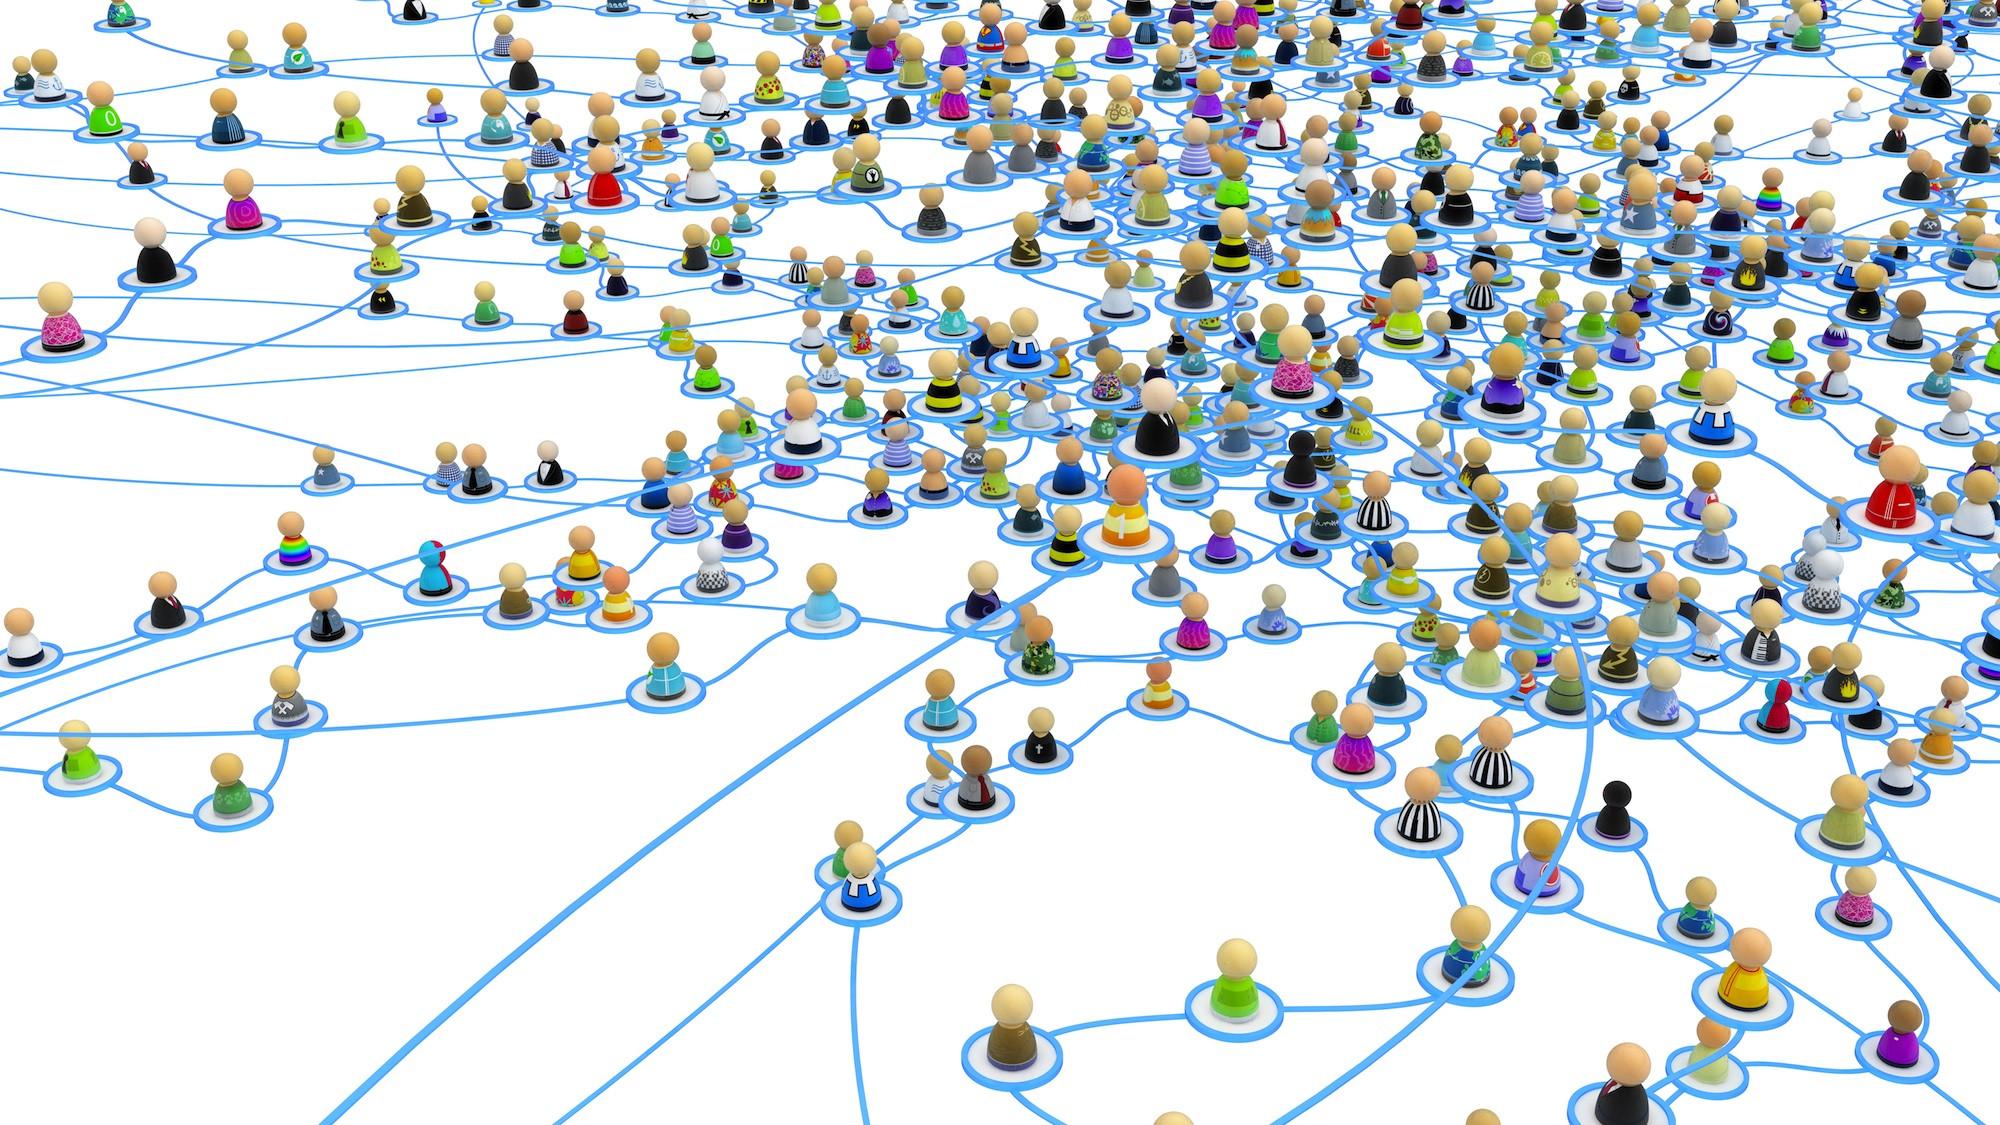 social-network-links.jpg